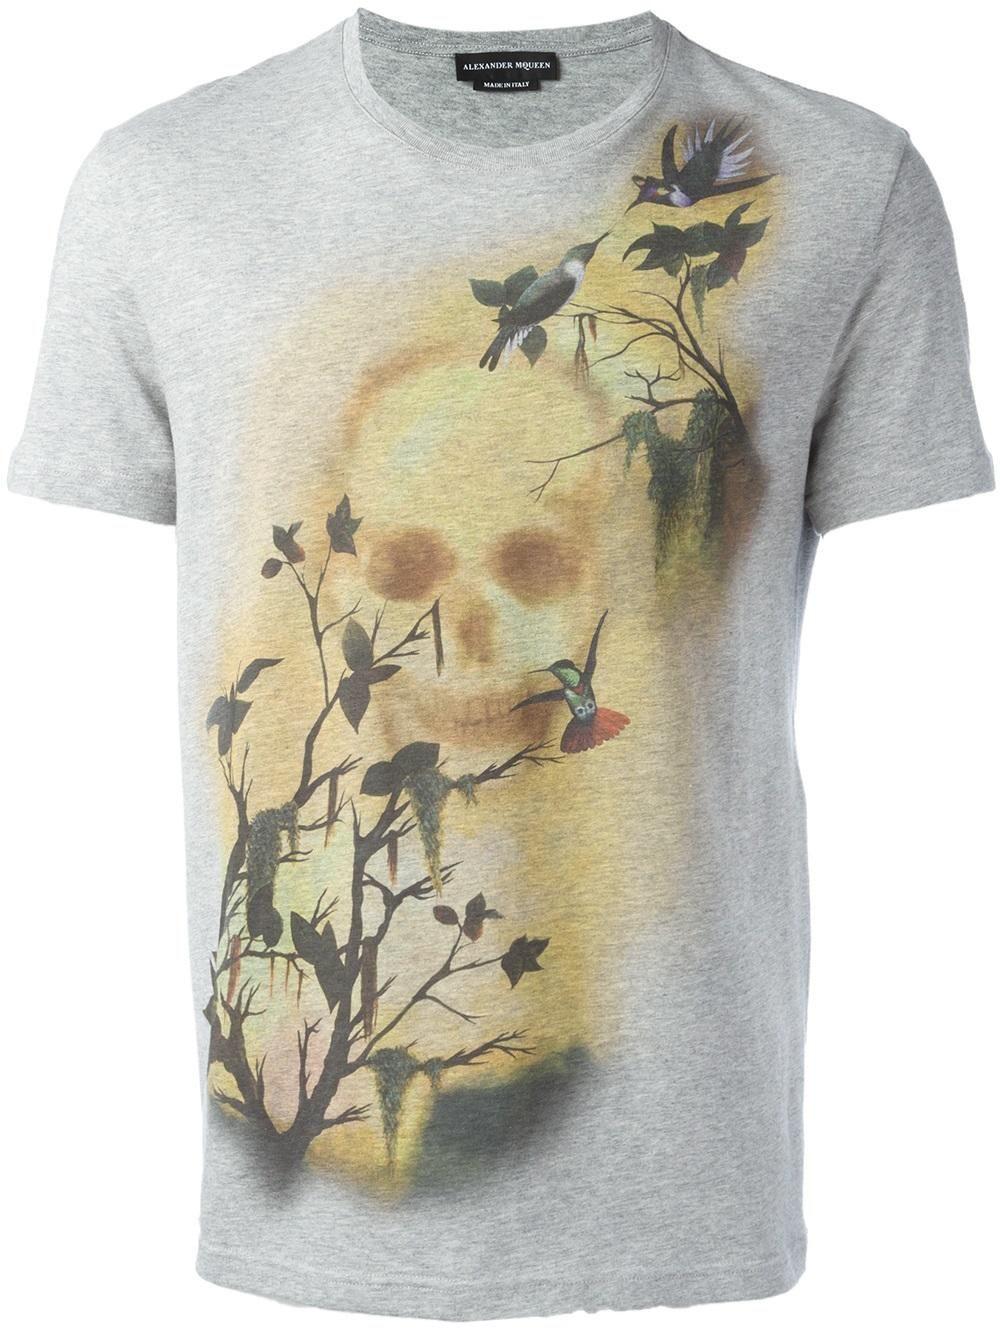 Alexander McQueen camiseta con estampado de calavera y pájaro ... b6cac04236ab8